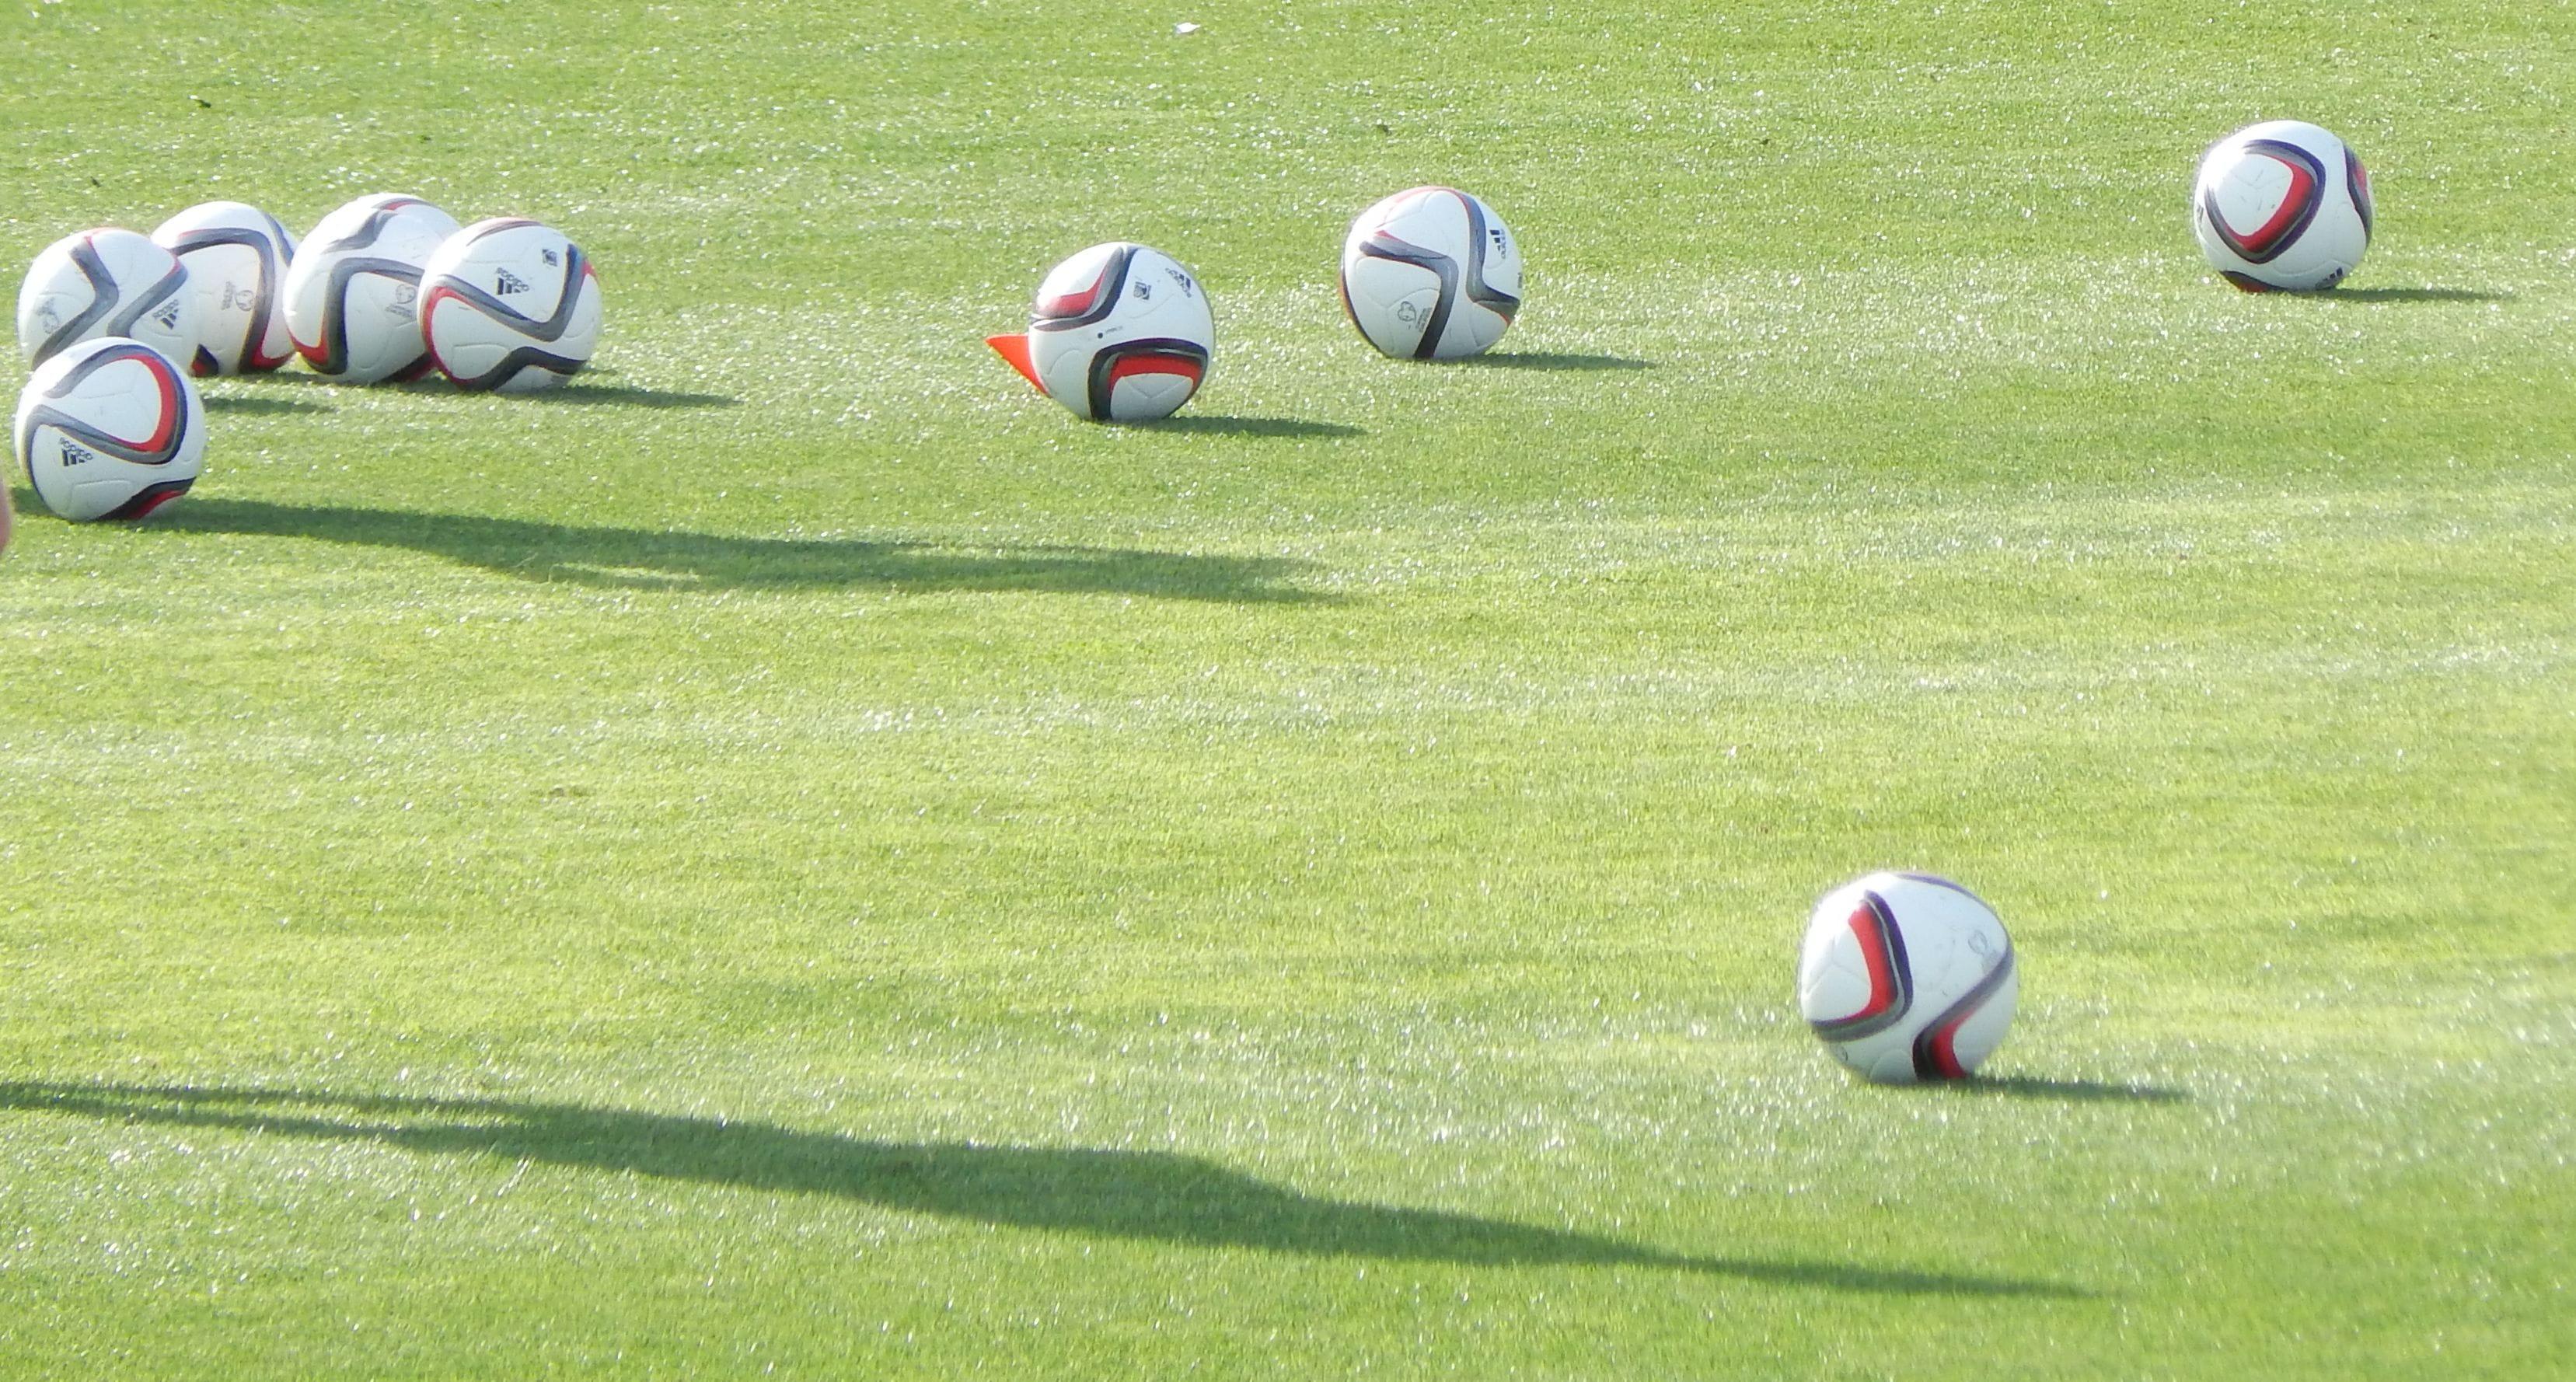 Sportwetten prognosen vom berufswetter erfahrungen